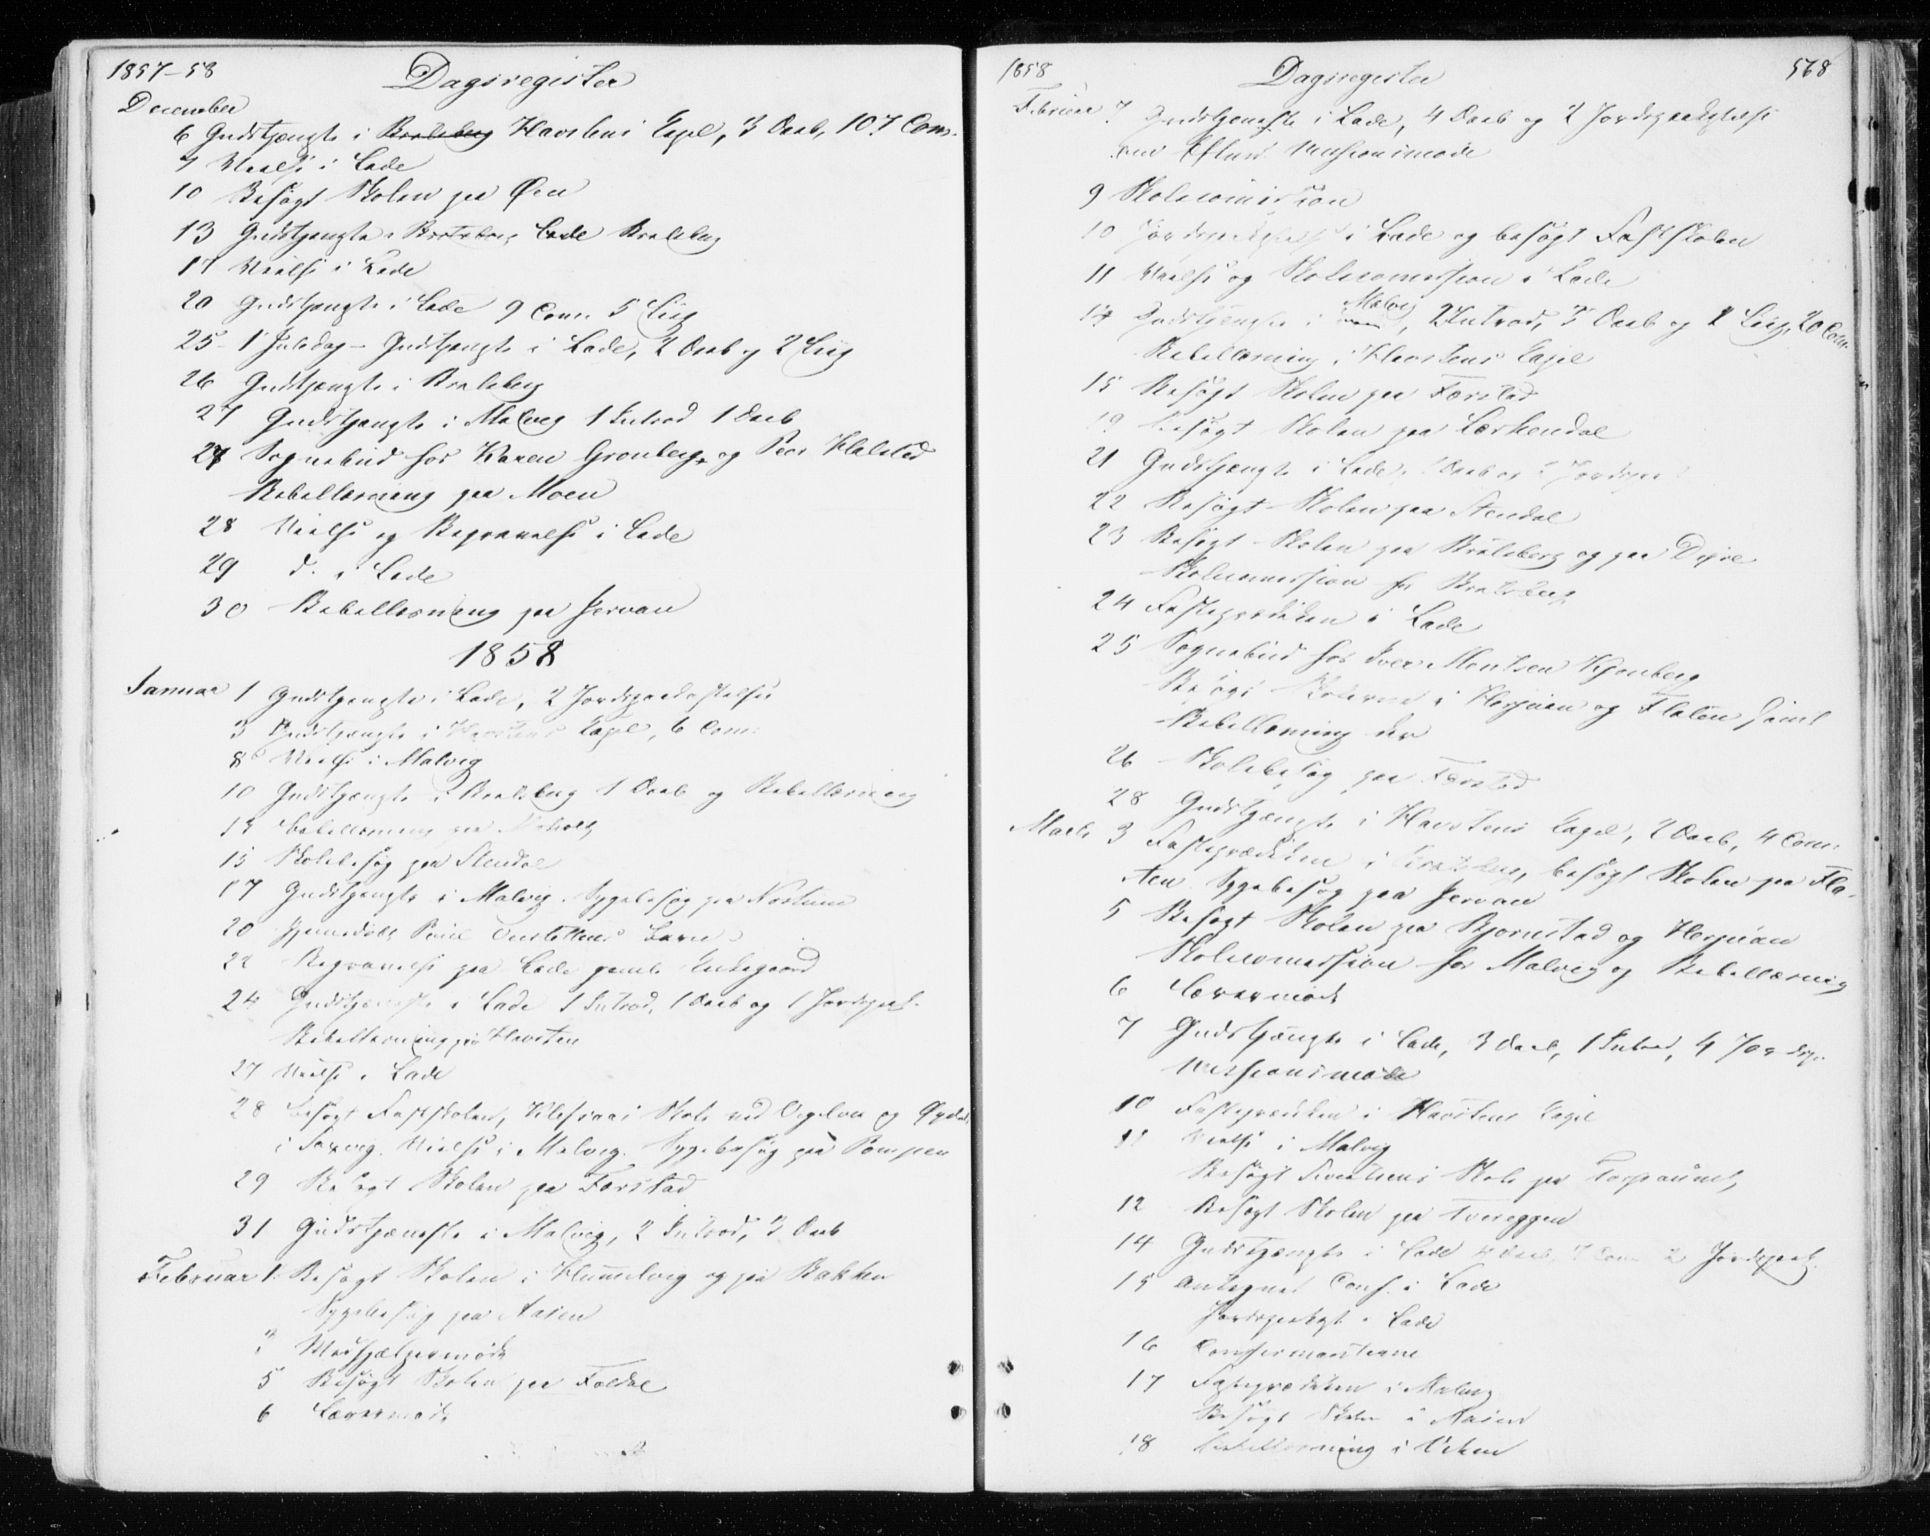 SAT, Ministerialprotokoller, klokkerbøker og fødselsregistre - Sør-Trøndelag, 606/L0292: Ministerialbok nr. 606A07, 1856-1865, s. 568